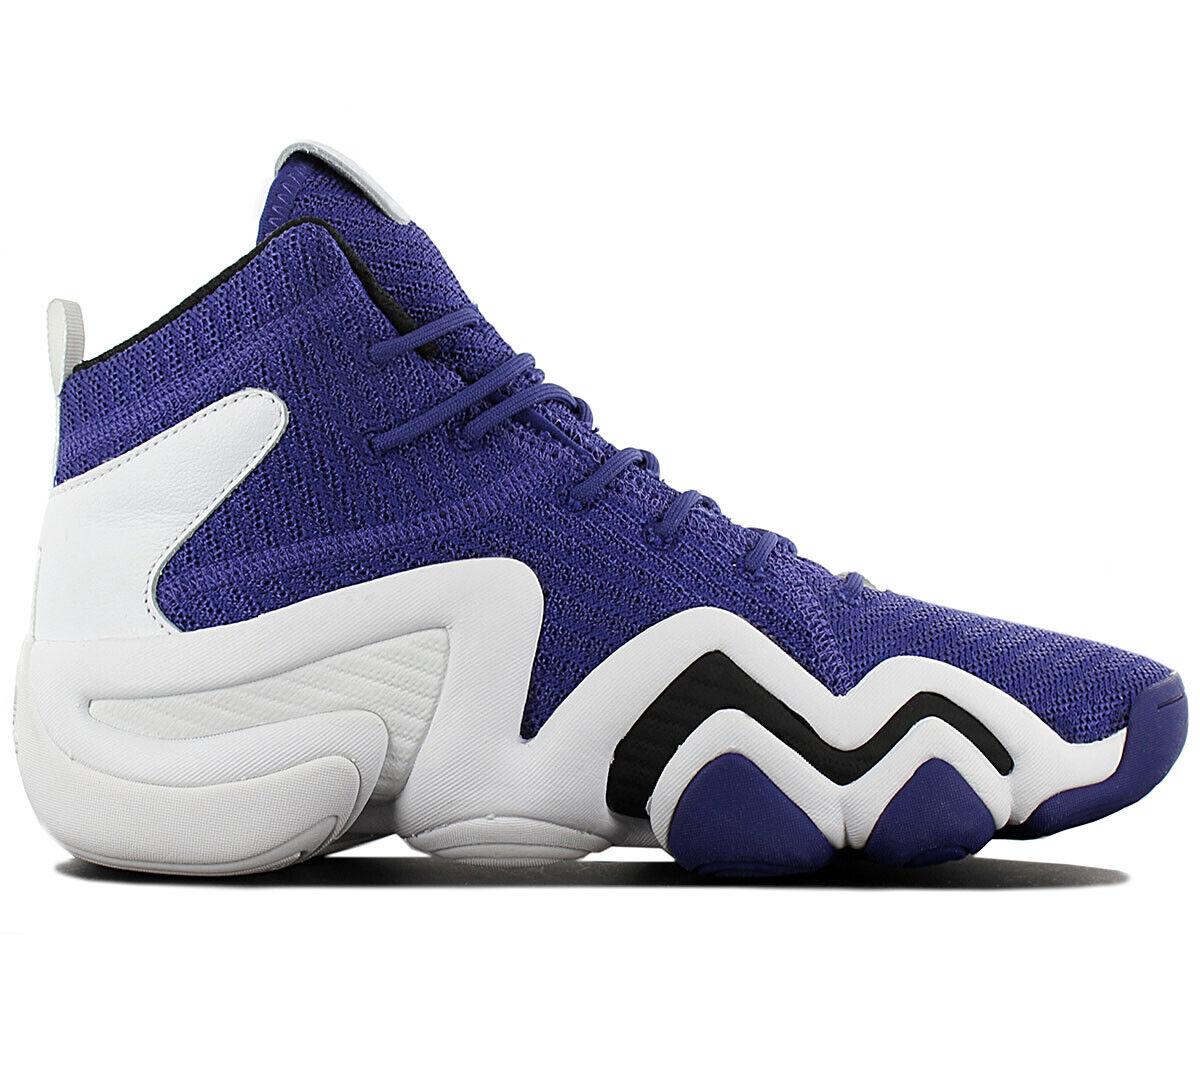 Adidas Crazy 8 8 8 ADV PK Primeknit Basketball skor CQ0988 Sport skor  välkommen att beställa